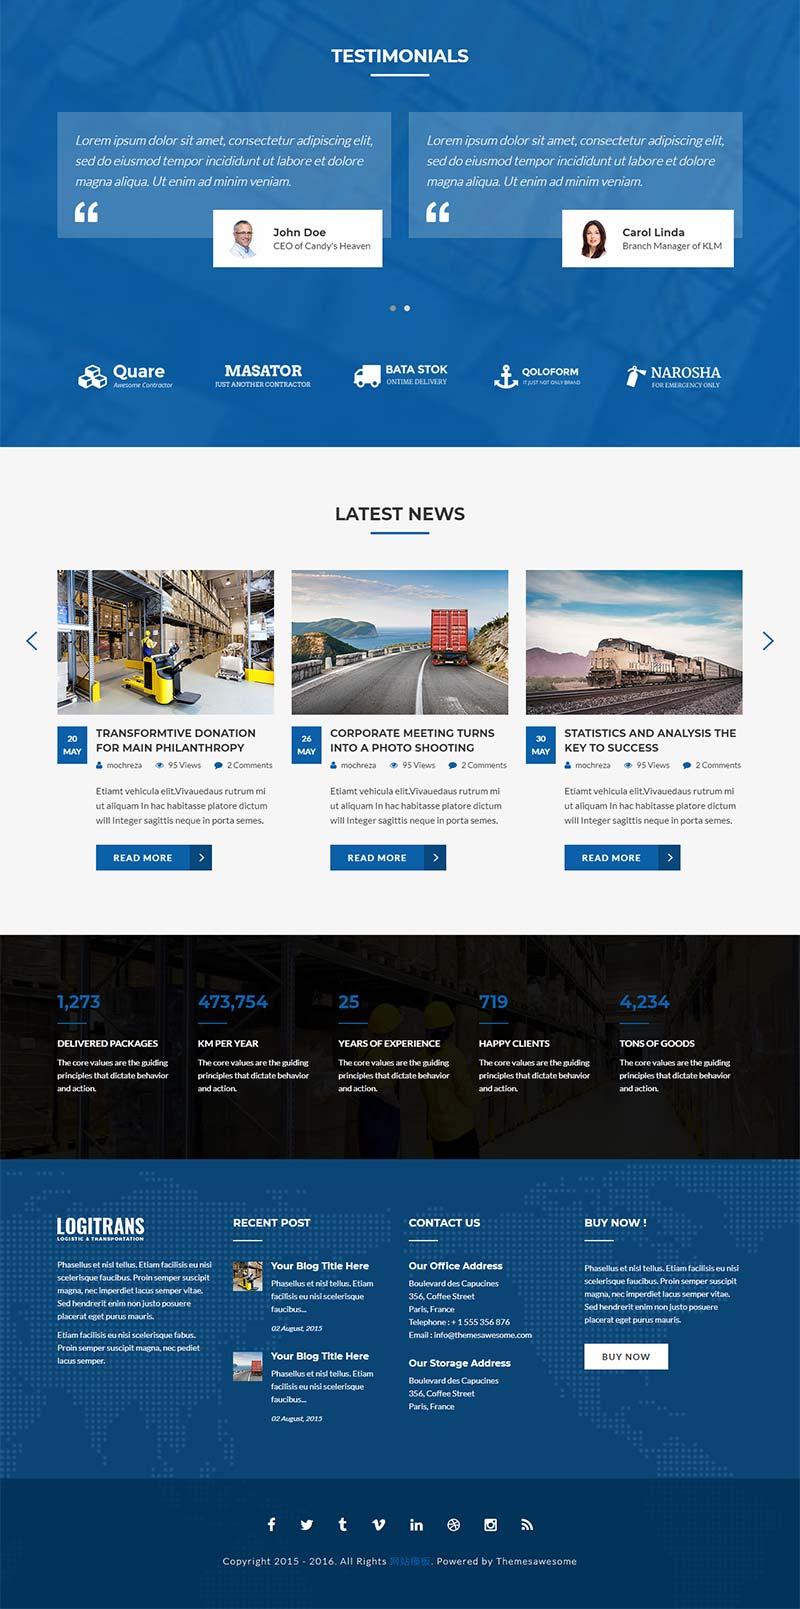 物流和运输公司官网模板快递行业静态html模板